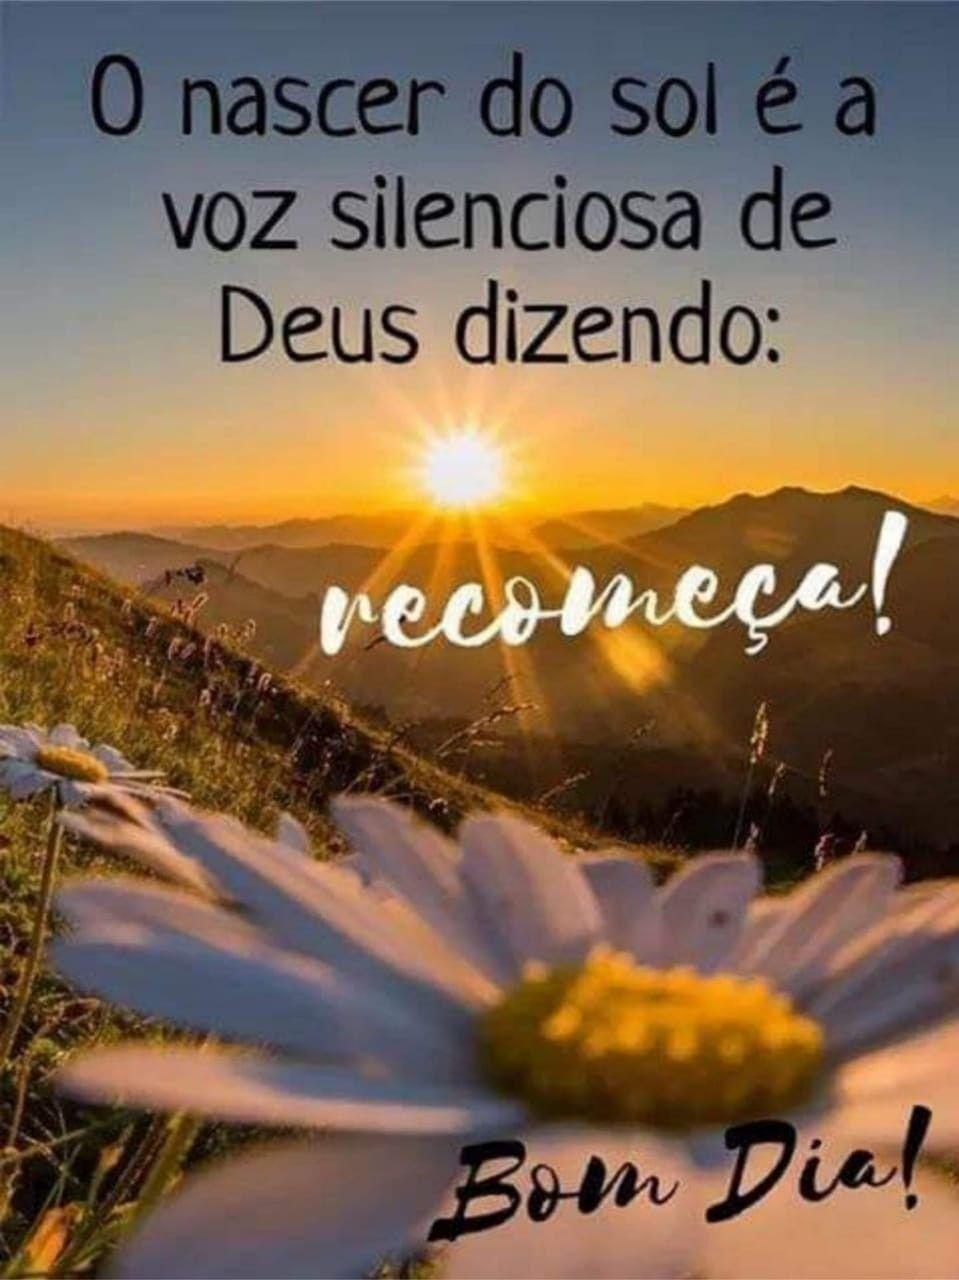 Pin De Maria M S Rosa Em Good Morning Bom Dia Gratidao